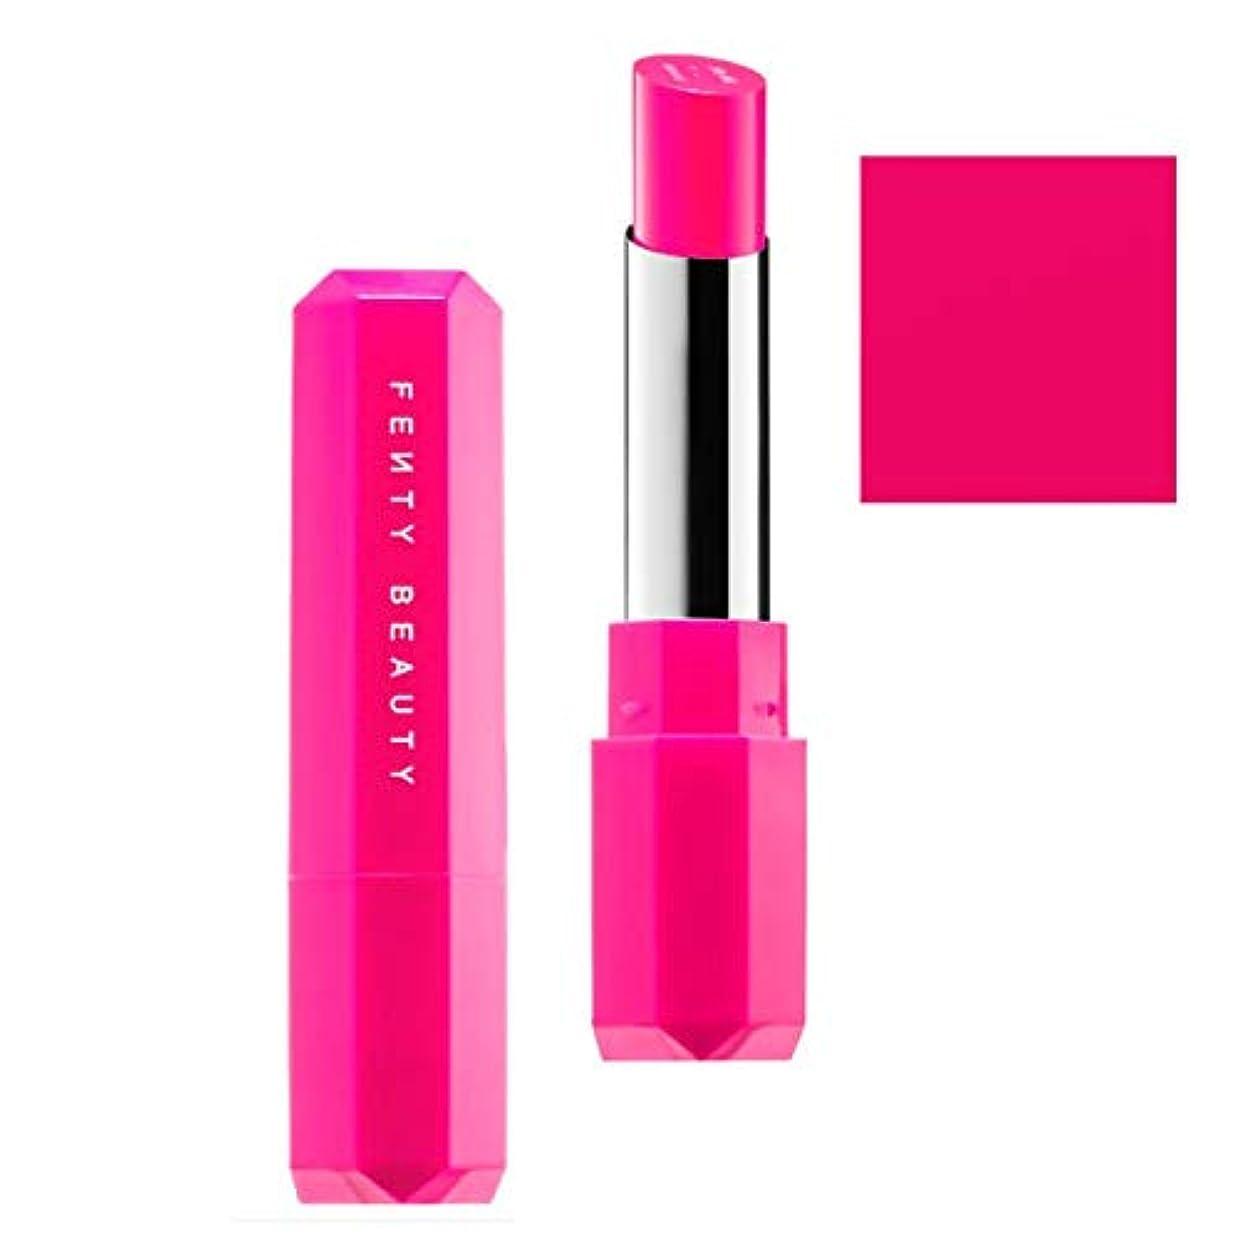 キモい情熱楽しいFENTY BEAUTY BY RIHANNA,New!!, 限定版 limited-edition, Poutsicle Juicy Satin Lipstick - Tropic Tantrum [海外直送品] [並行輸入品]